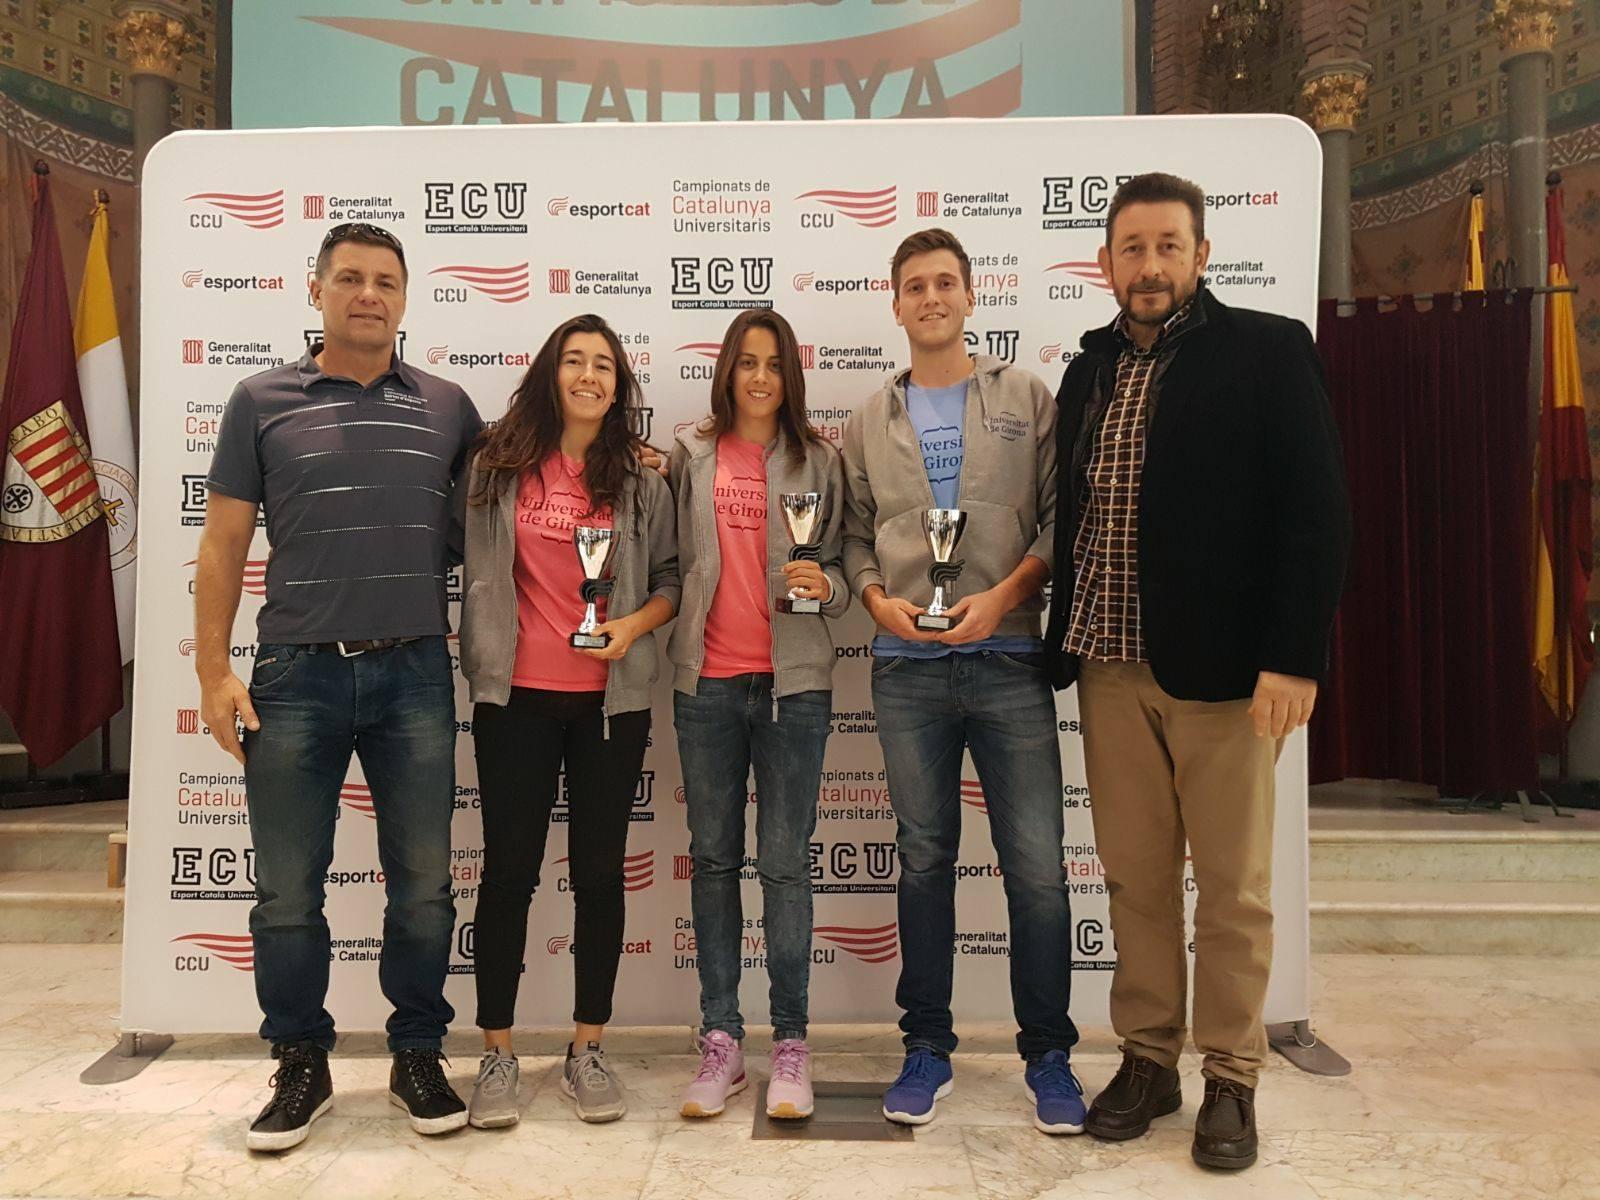 Els estudiants d'EUSES Anna Jódar, Àfrica Félez i Sergi Grabalosa, escollits millors esportistes universitaris de Catalunya 2017 de la UdG